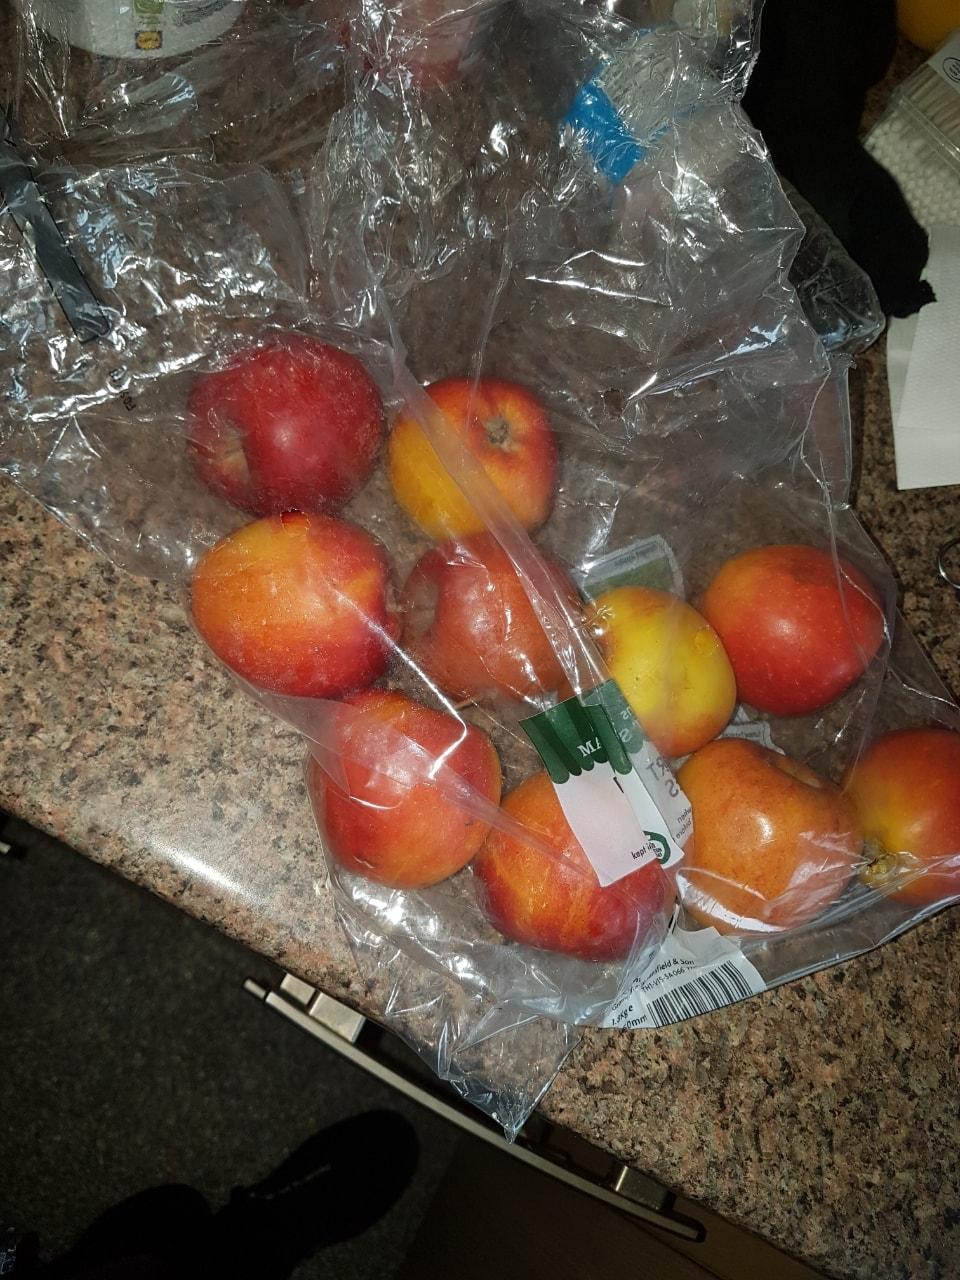 Morrioson Dessert Apples.